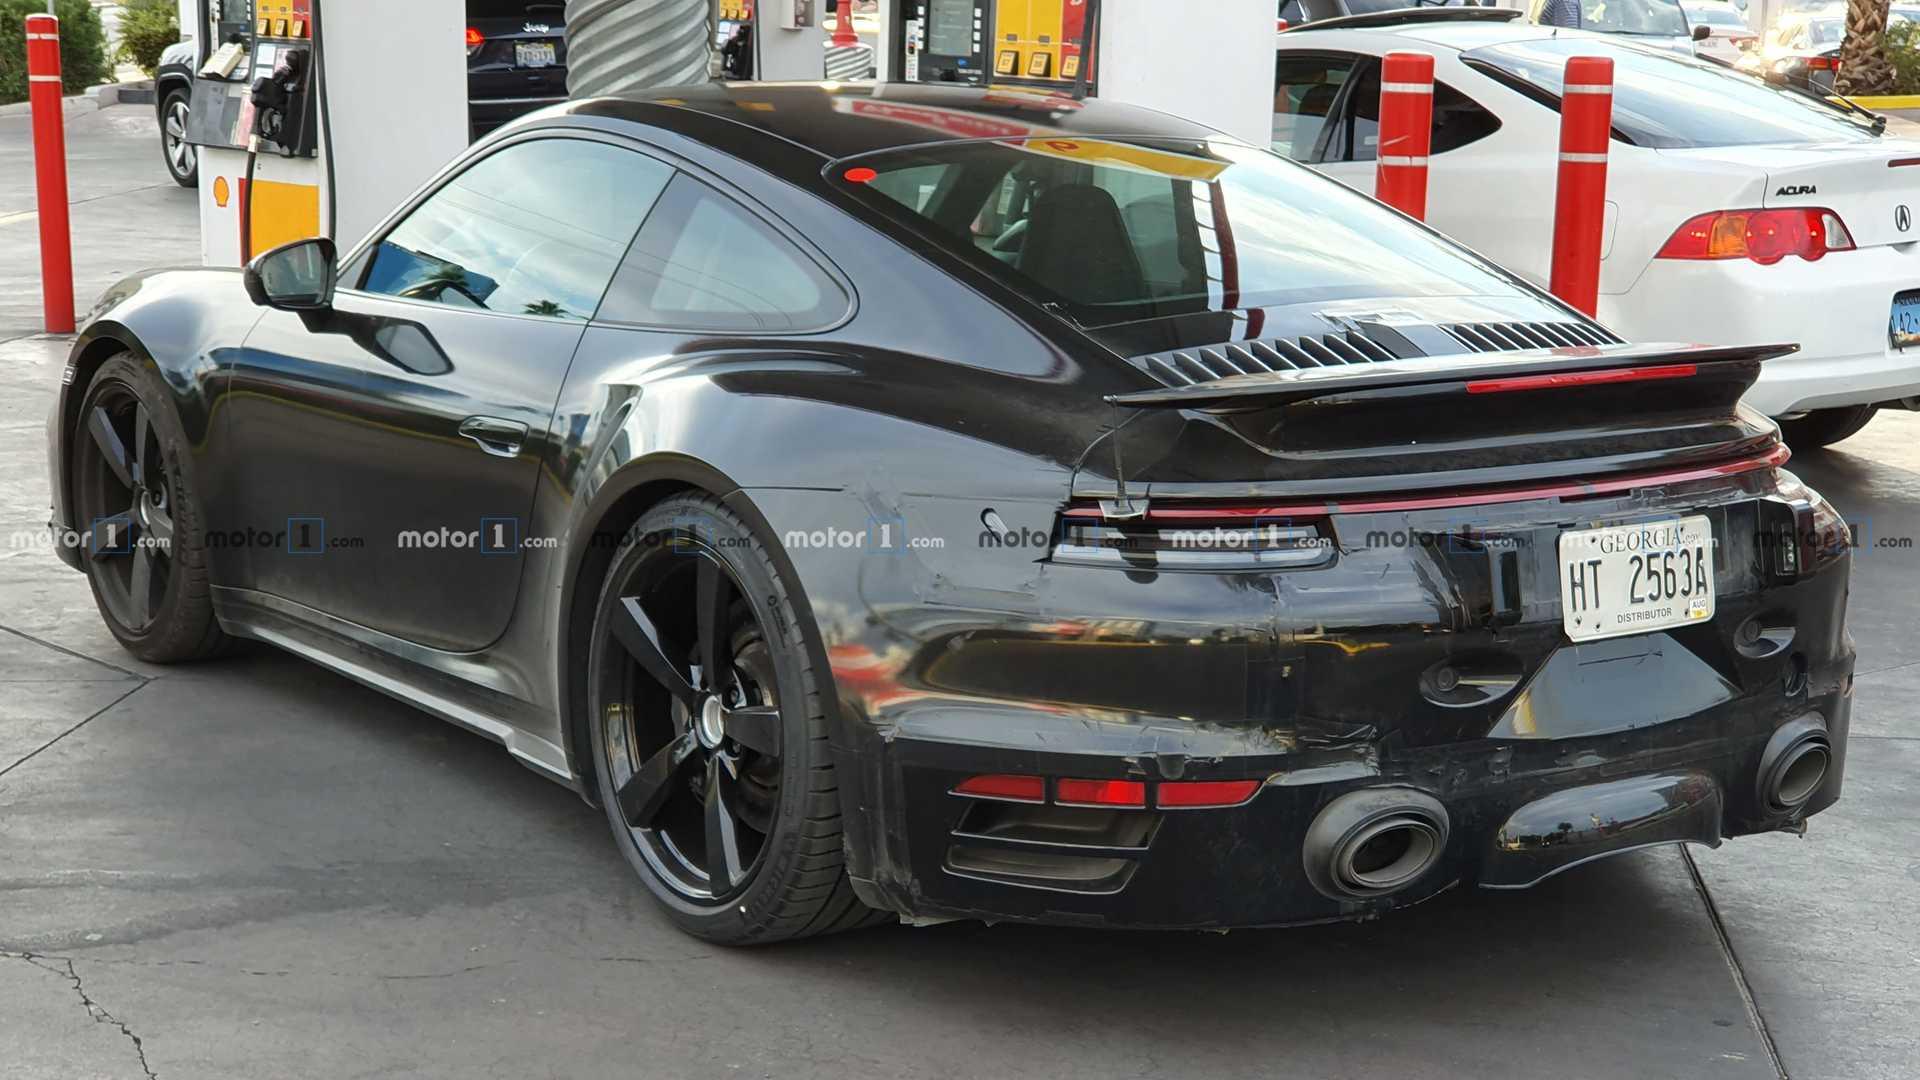 porsche-911-turbo-le-foto-spia-1.jpg